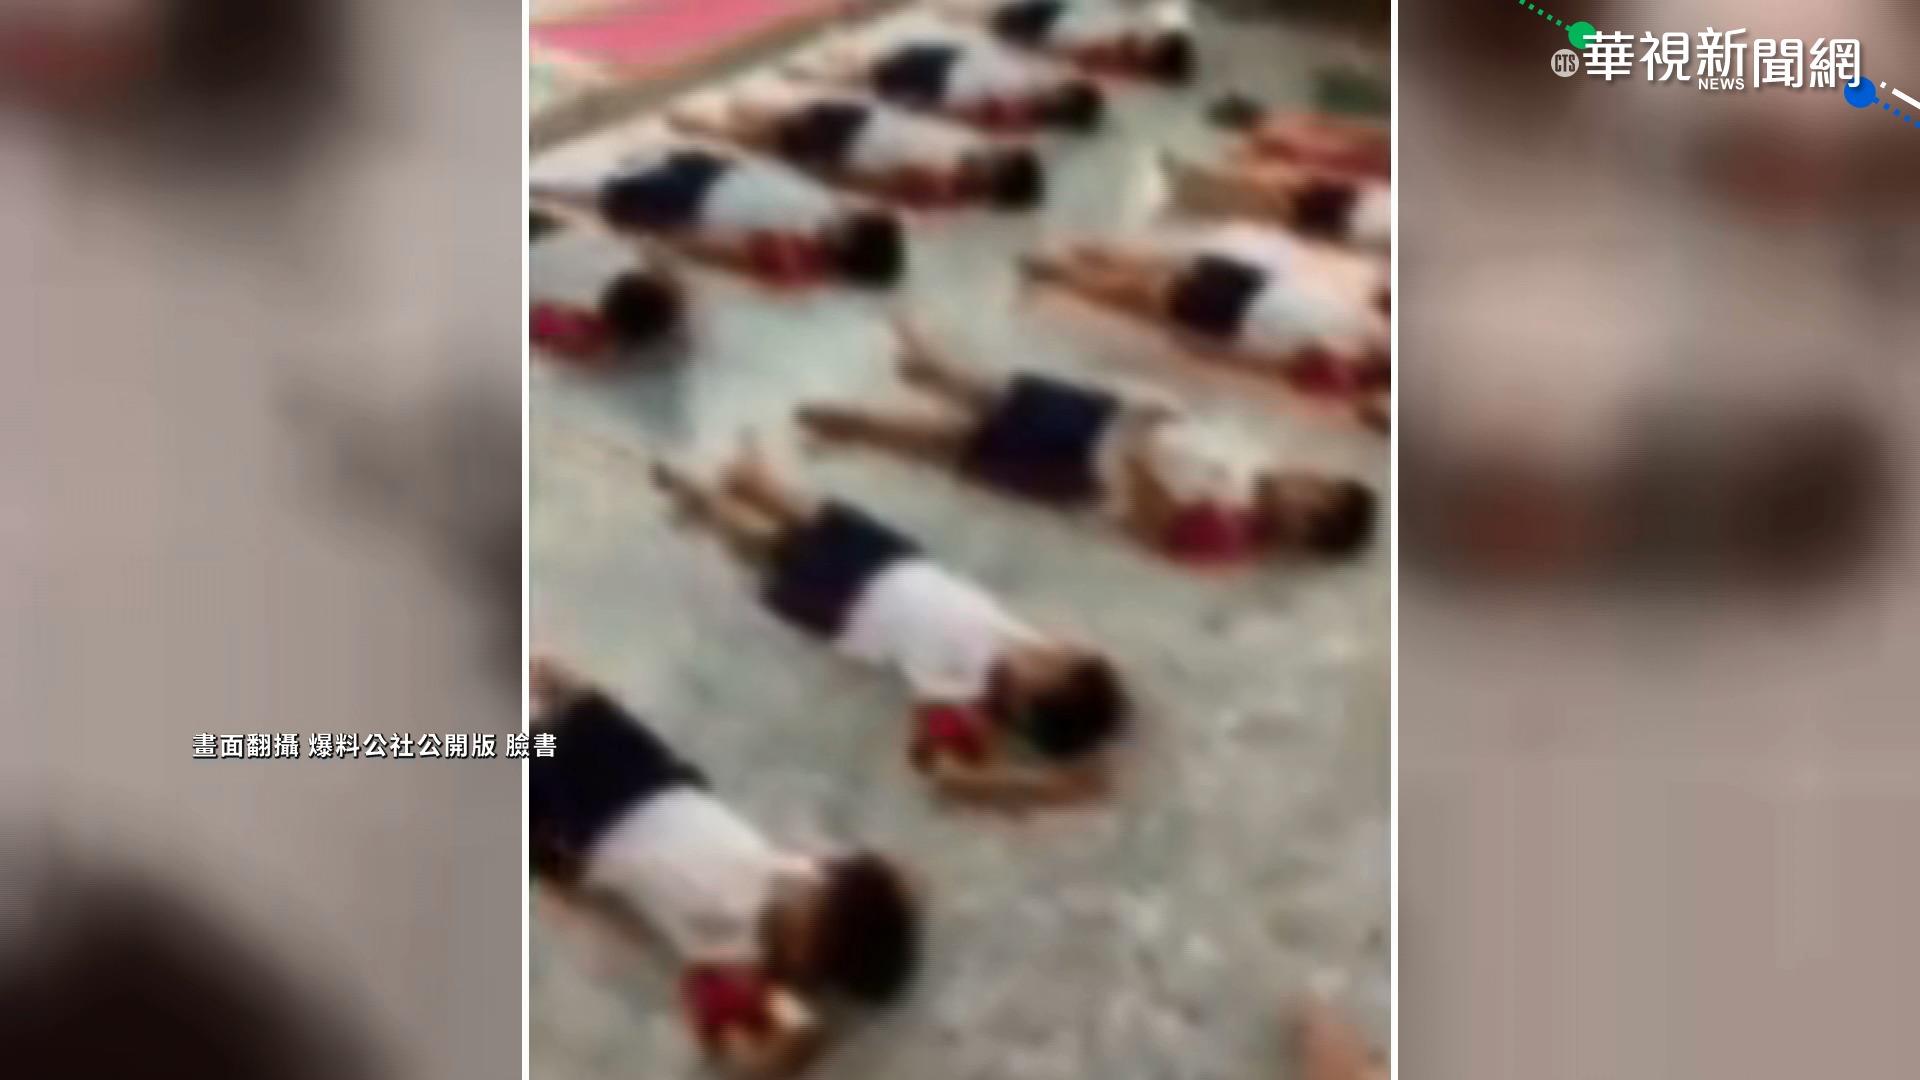 國小瑜伽靜心課 20多名學生未戴罩惹議